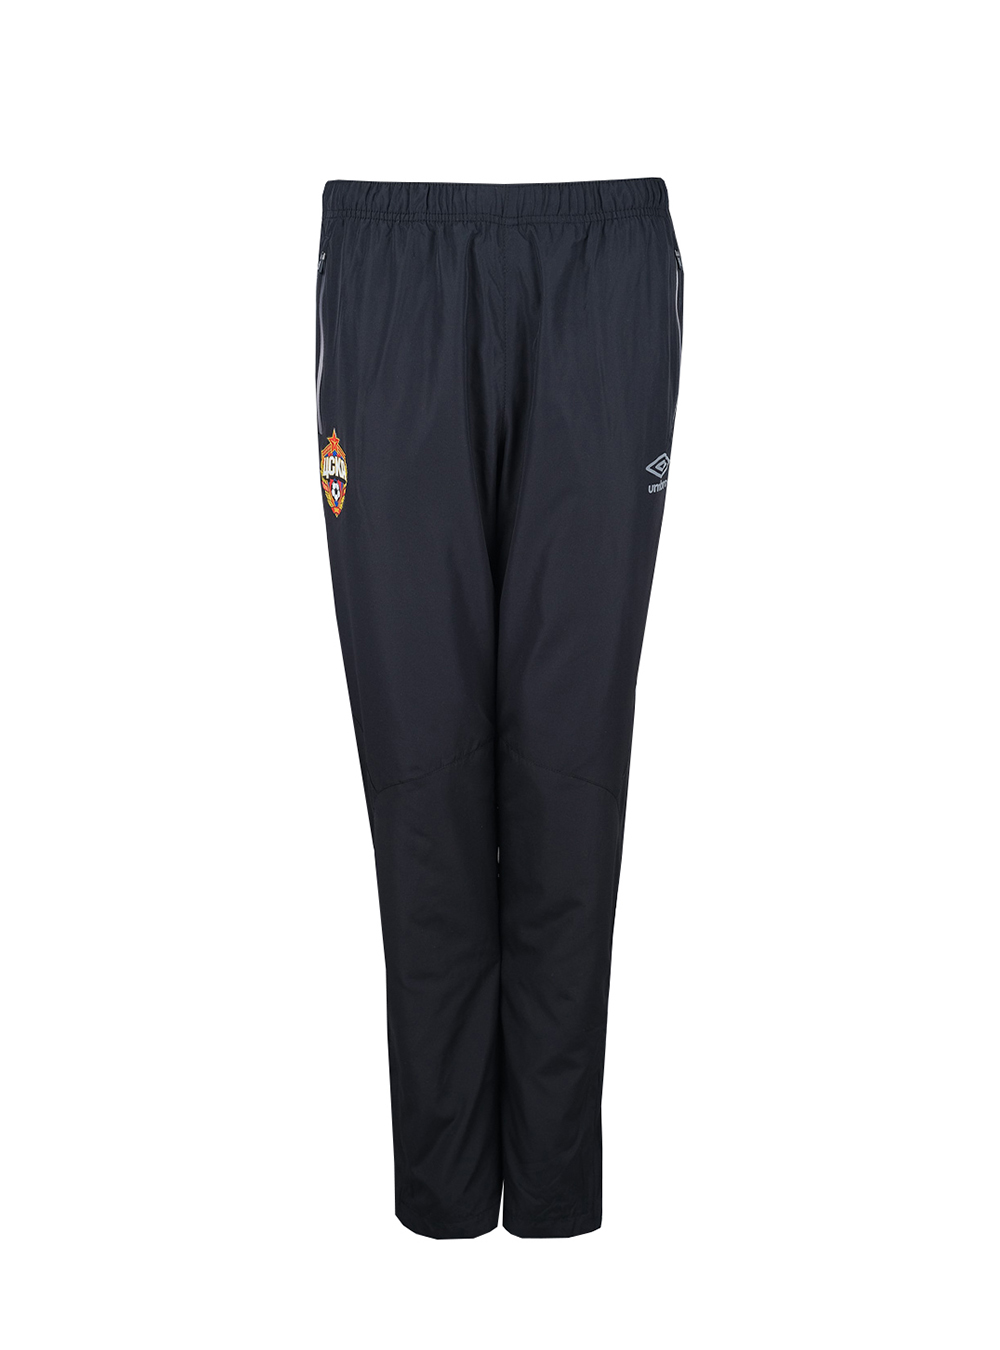 Костюм парадный (брюки), черный/серебро (XXL) фото